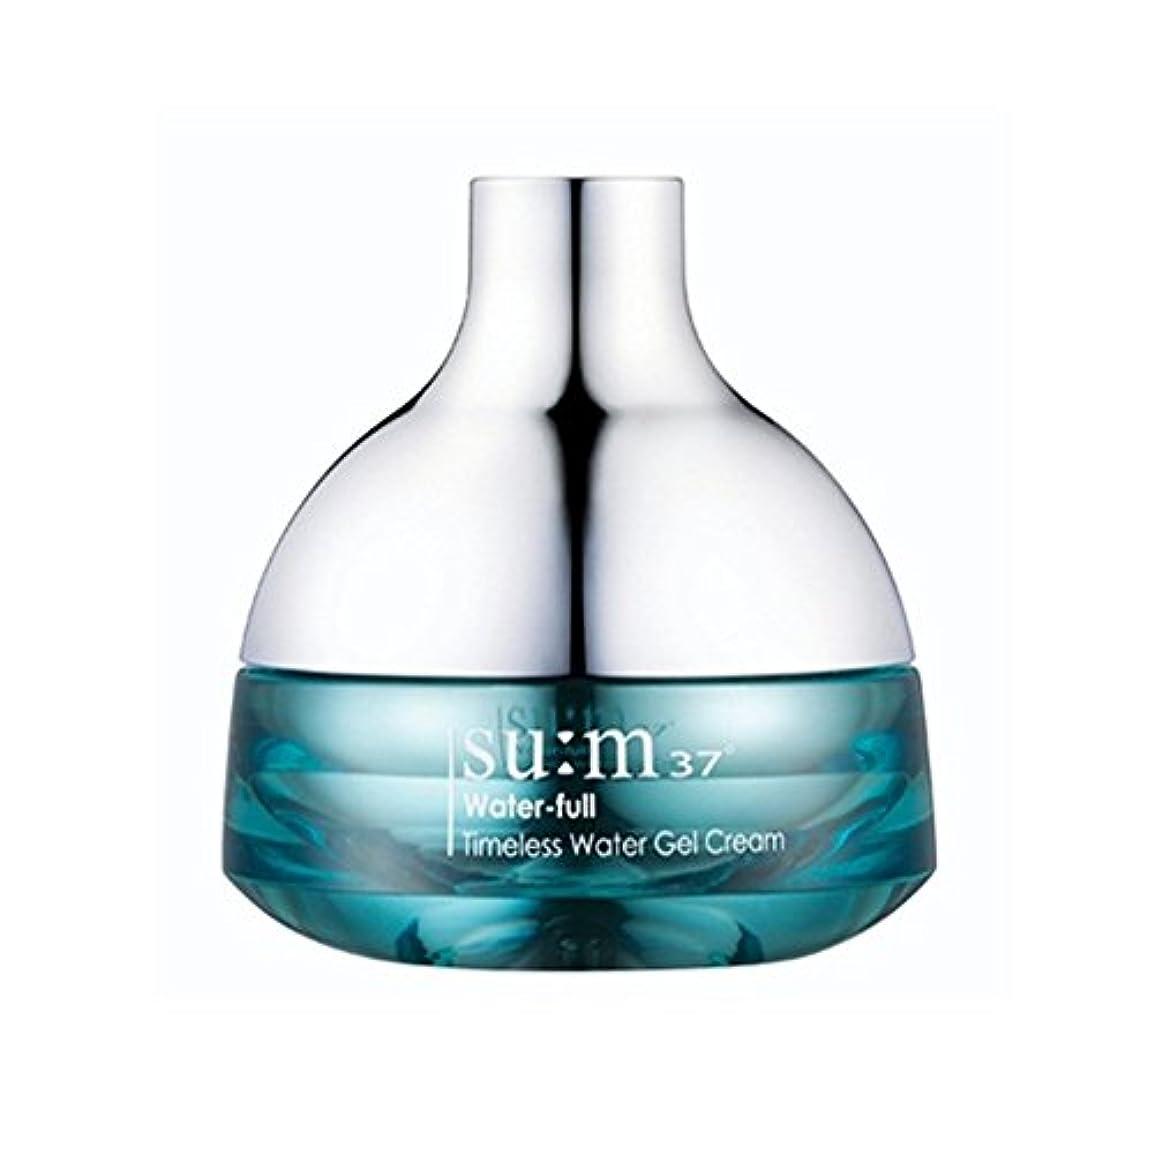 流星ベリー白内障[su:m37/スム37°] SUM37 Water-full Timeless Water Gel Cream 50ml/WF07 sum37 ウォータフル タイムレス ウォータージェルクリーム 50ml +[Sample...